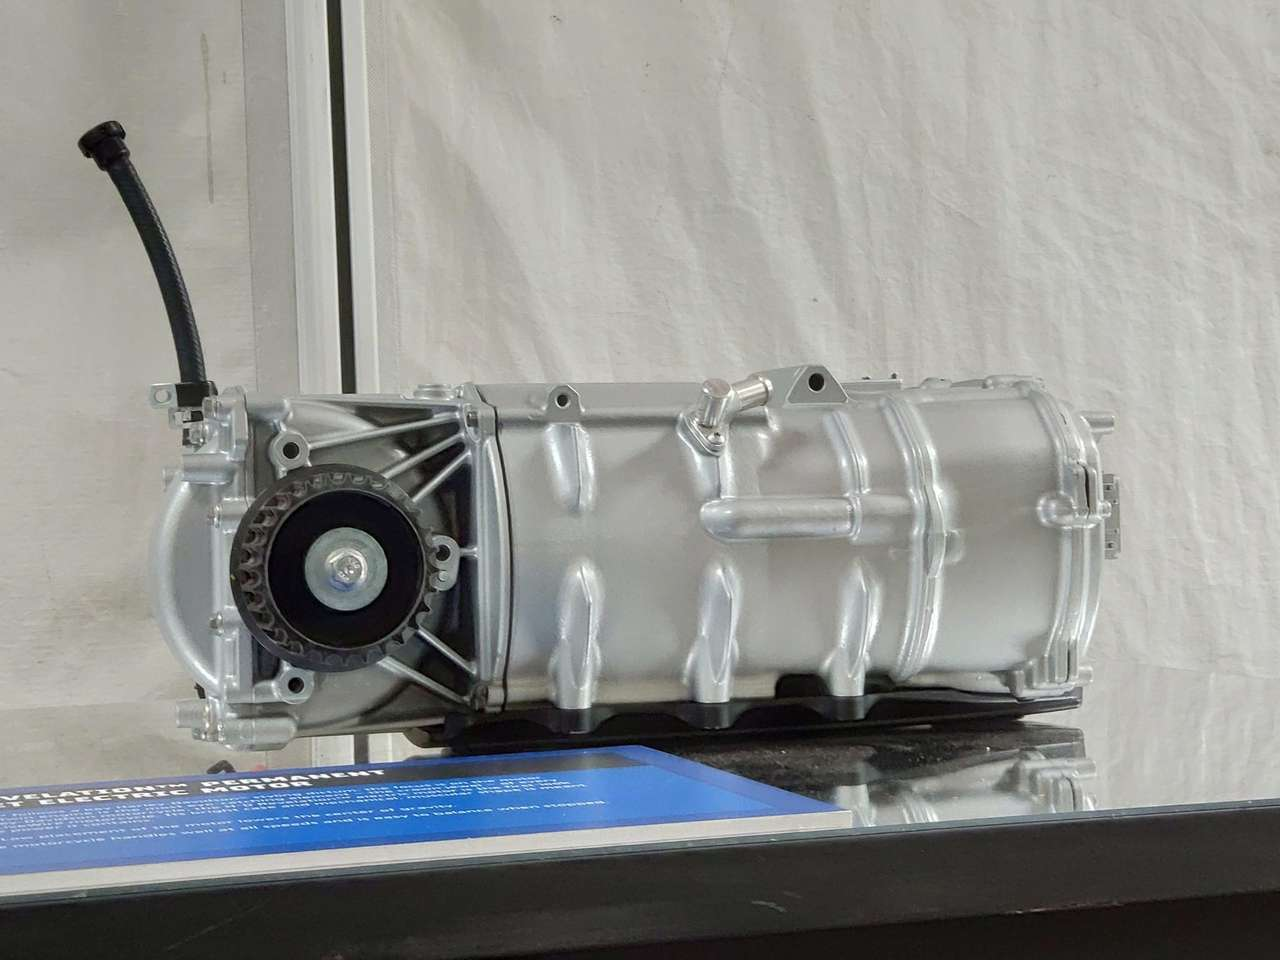 Der Revelation-Antrieb leistet 106 PS und 116 Nm - jederzeit, ab 0 U/min